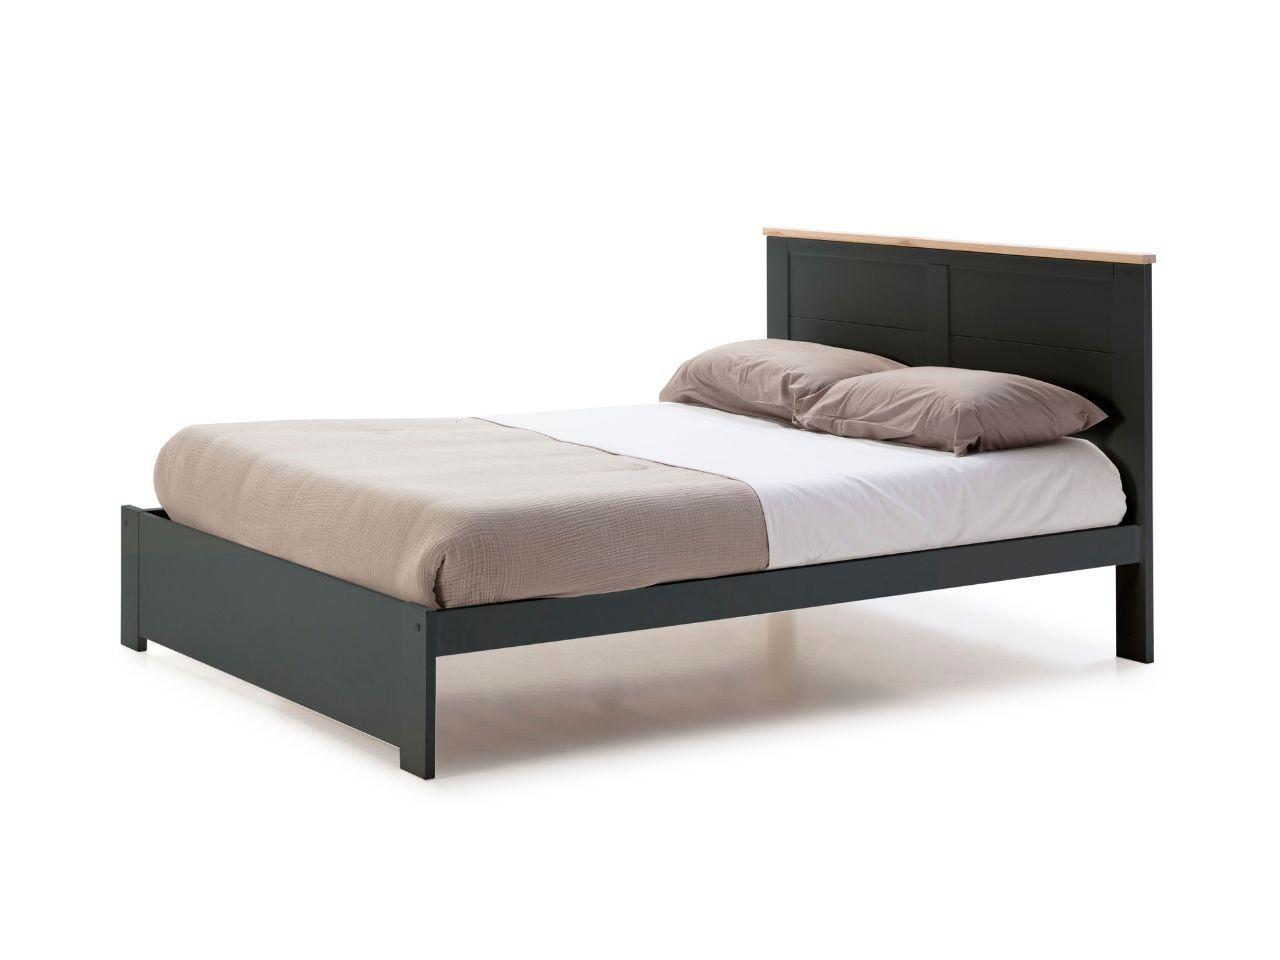 Salones Modernos Baratos Y Muebles De Salon Baratos Y Modernos  # Niza Muebles Y Objetos